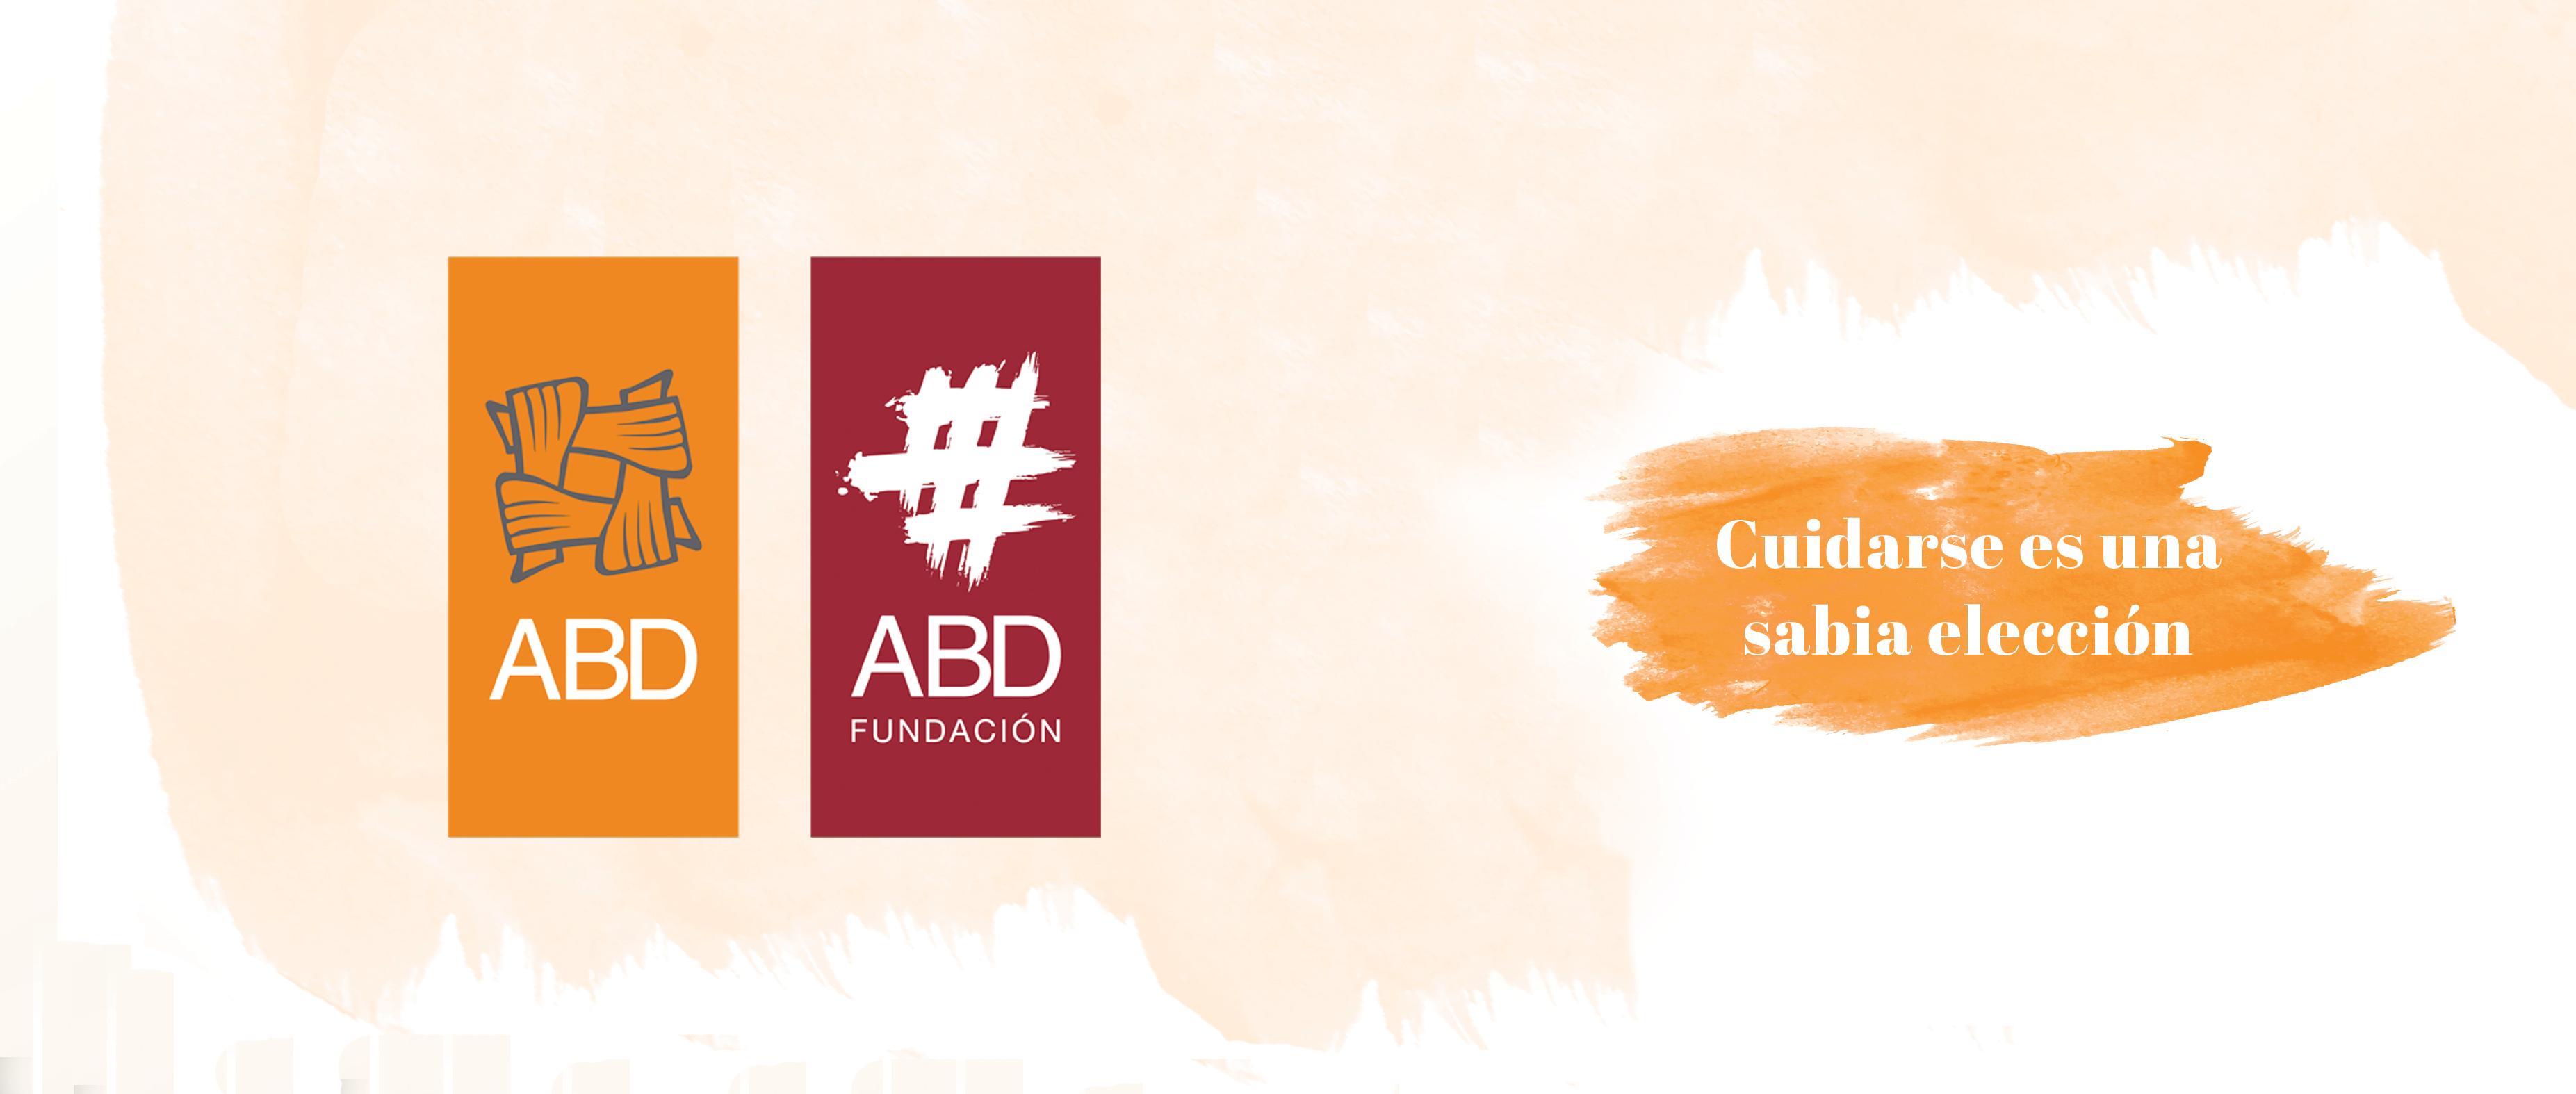 ABD Madrid presenta un nuevo servicio especializado en promoción de la salud mental, el SEPASM